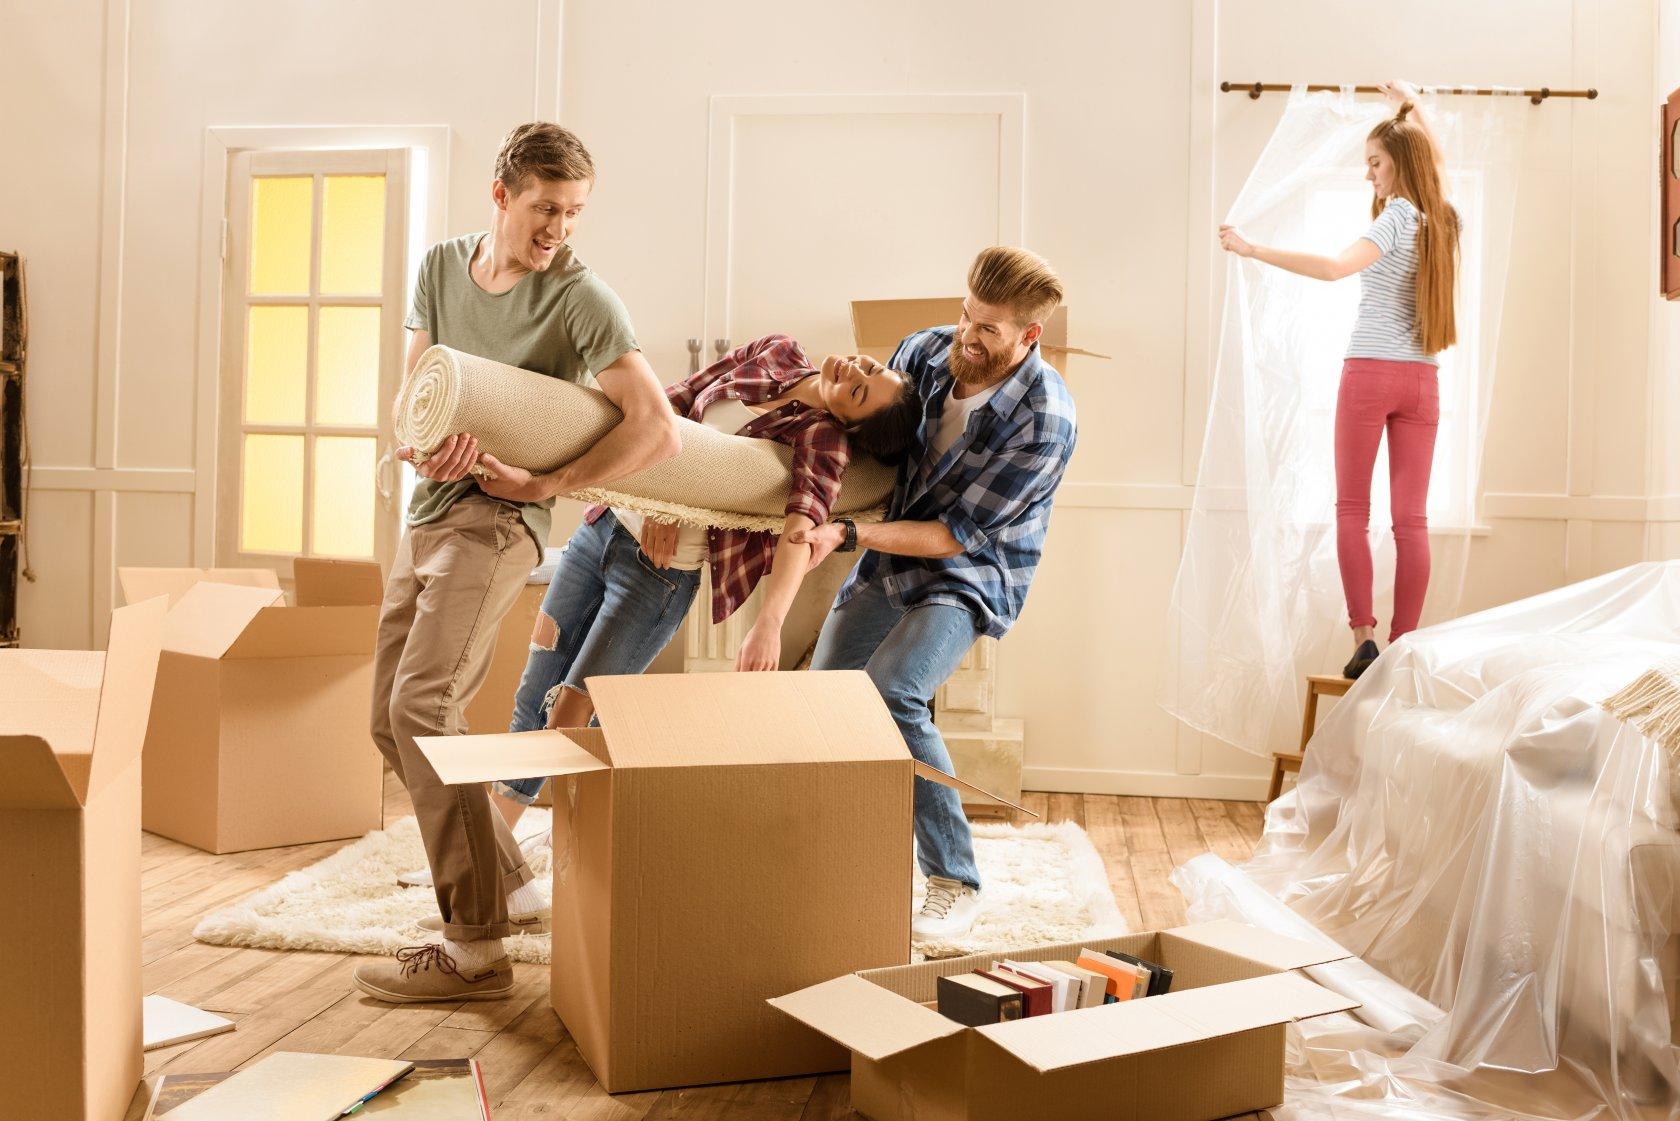 Список из 7 пунктов, которые нужно проверить перед переездом в новую квартиру